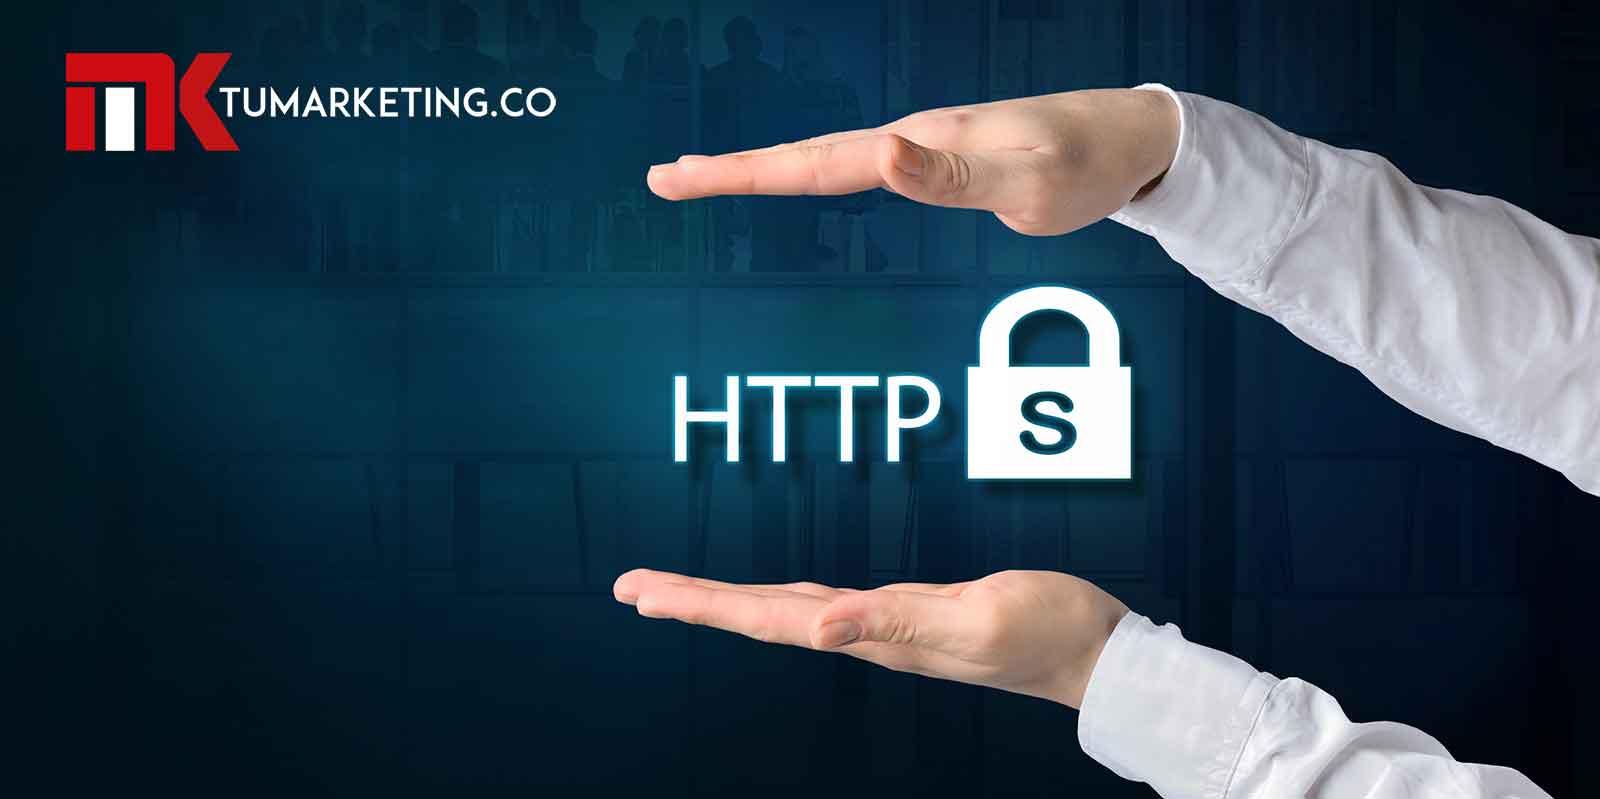 Tu Marketing Bogotá - Aprende cómo obtener un certificado SSL gratuito para tu hosting de GoDaddy